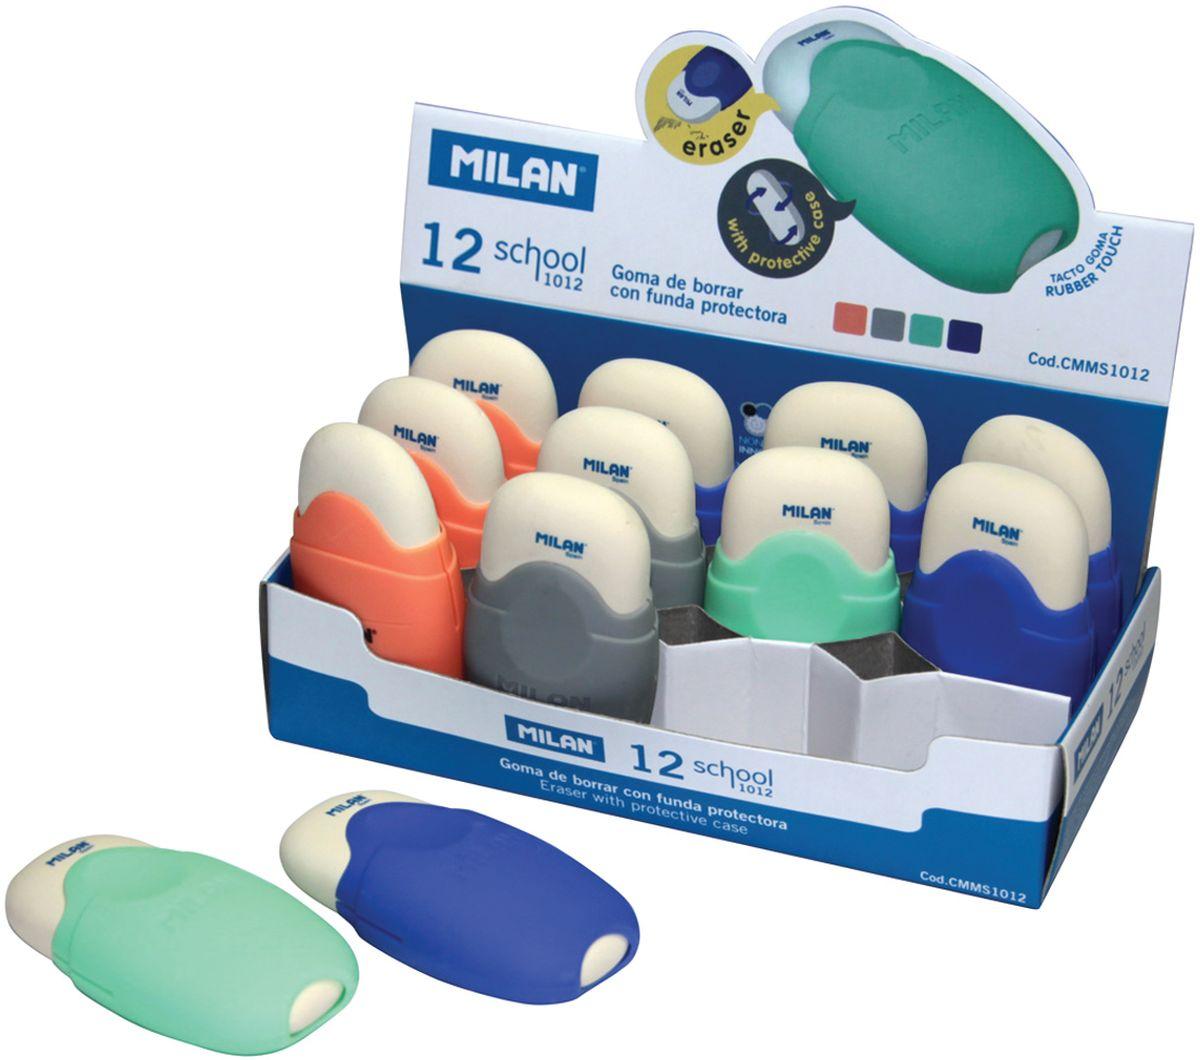 Ластик Milan School 1012 - это ластик с пластиковым держателем в эргономичном компактном корпусе. Заменяемый ластик.